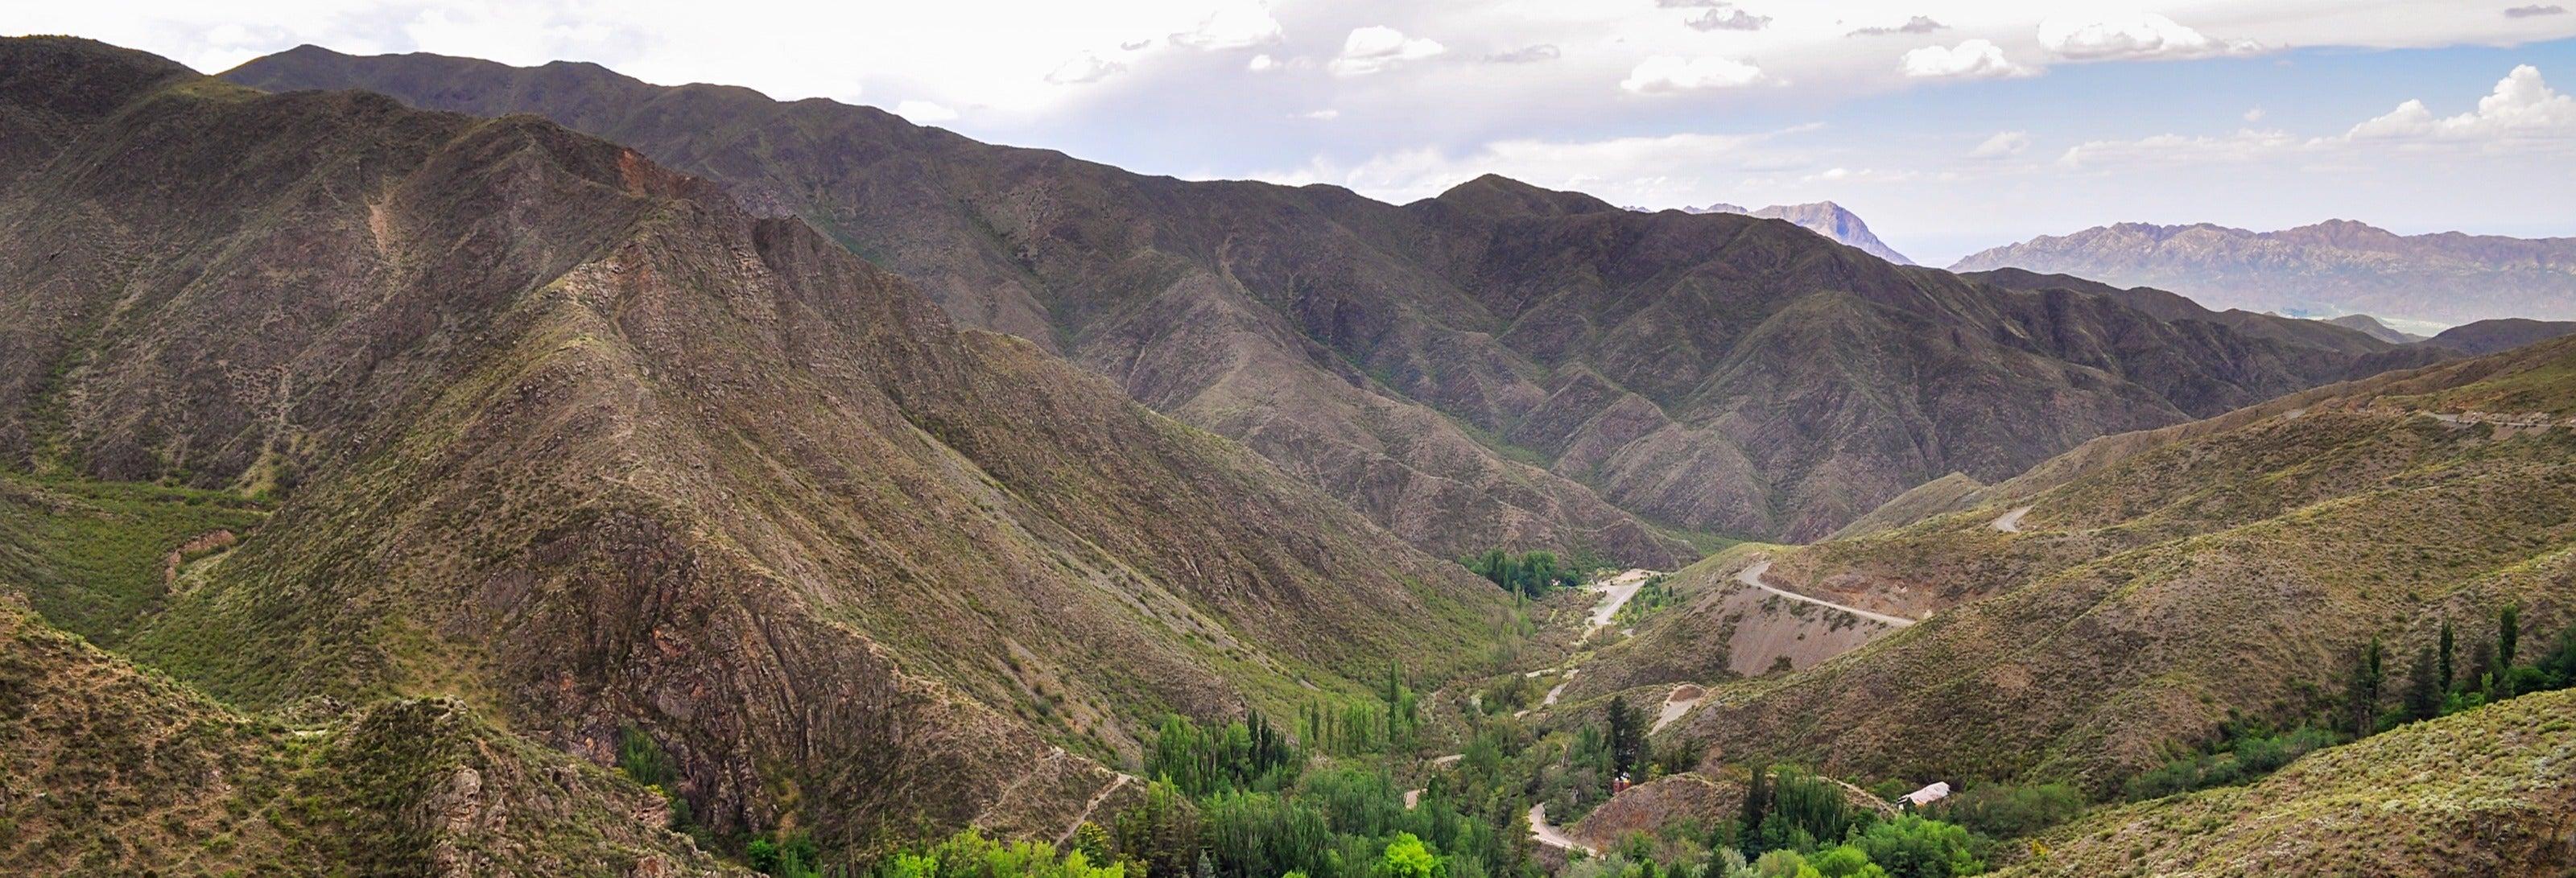 Escursione alla Riserva Naturale di Villavicencio